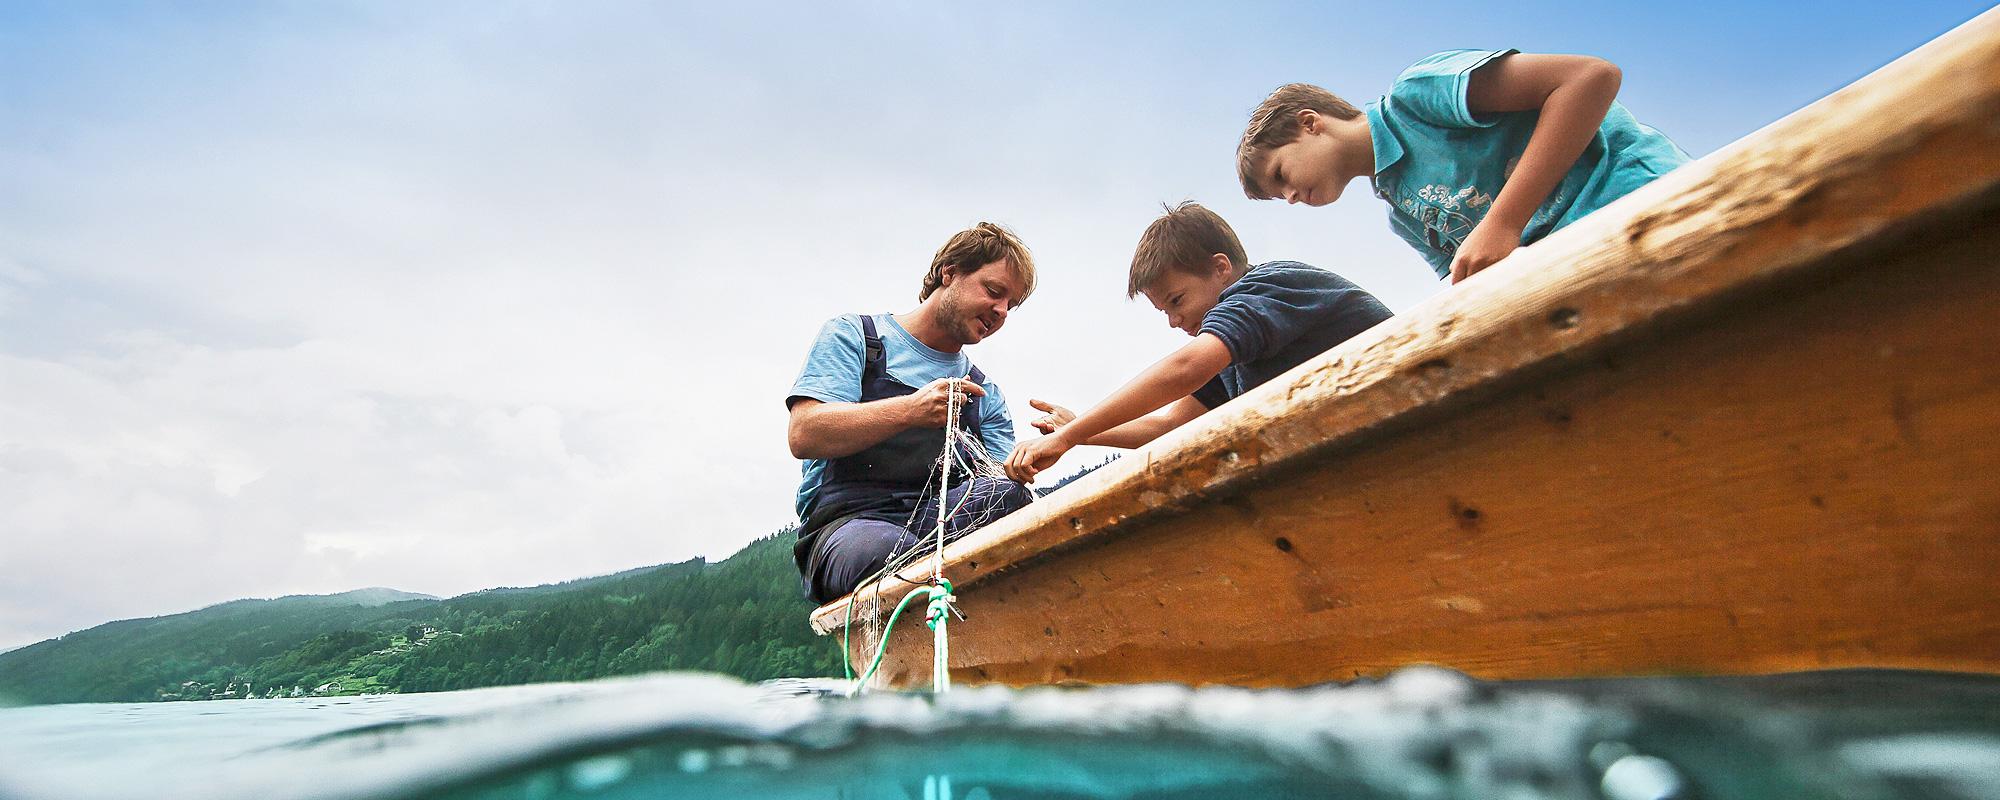 Fischen, Angeln & Sport